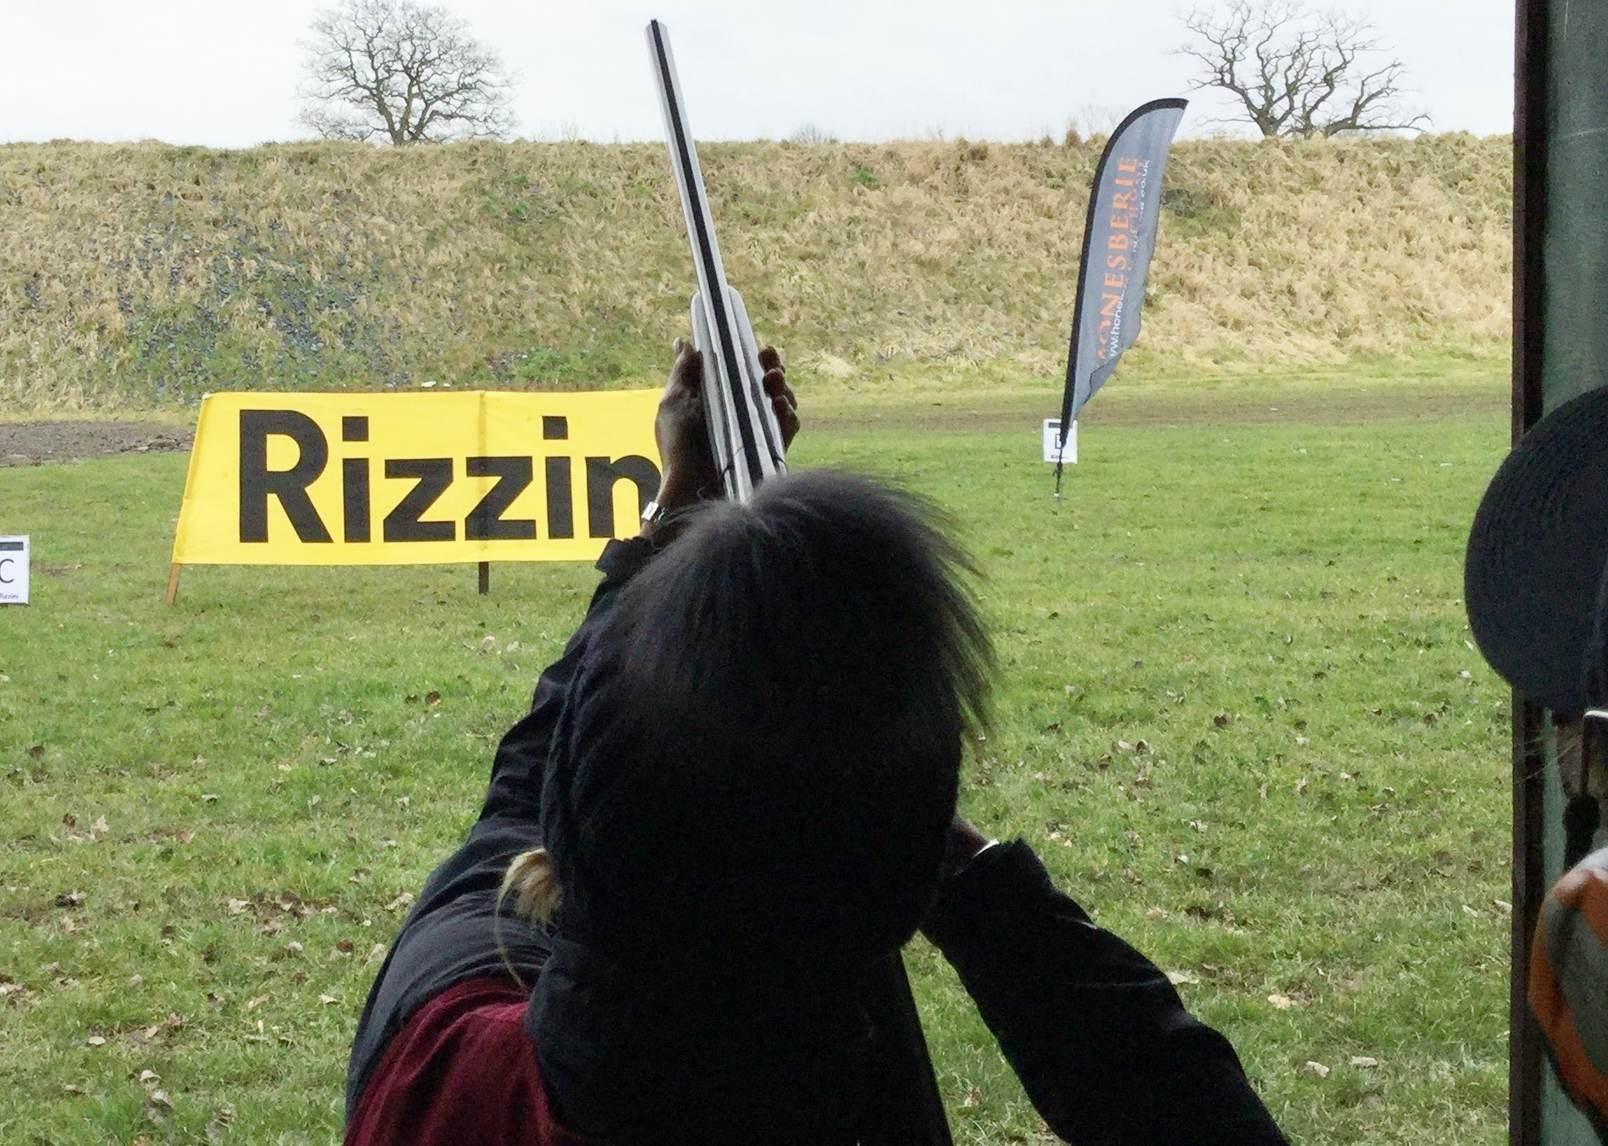 Rizzini Smallbore Challenge Final